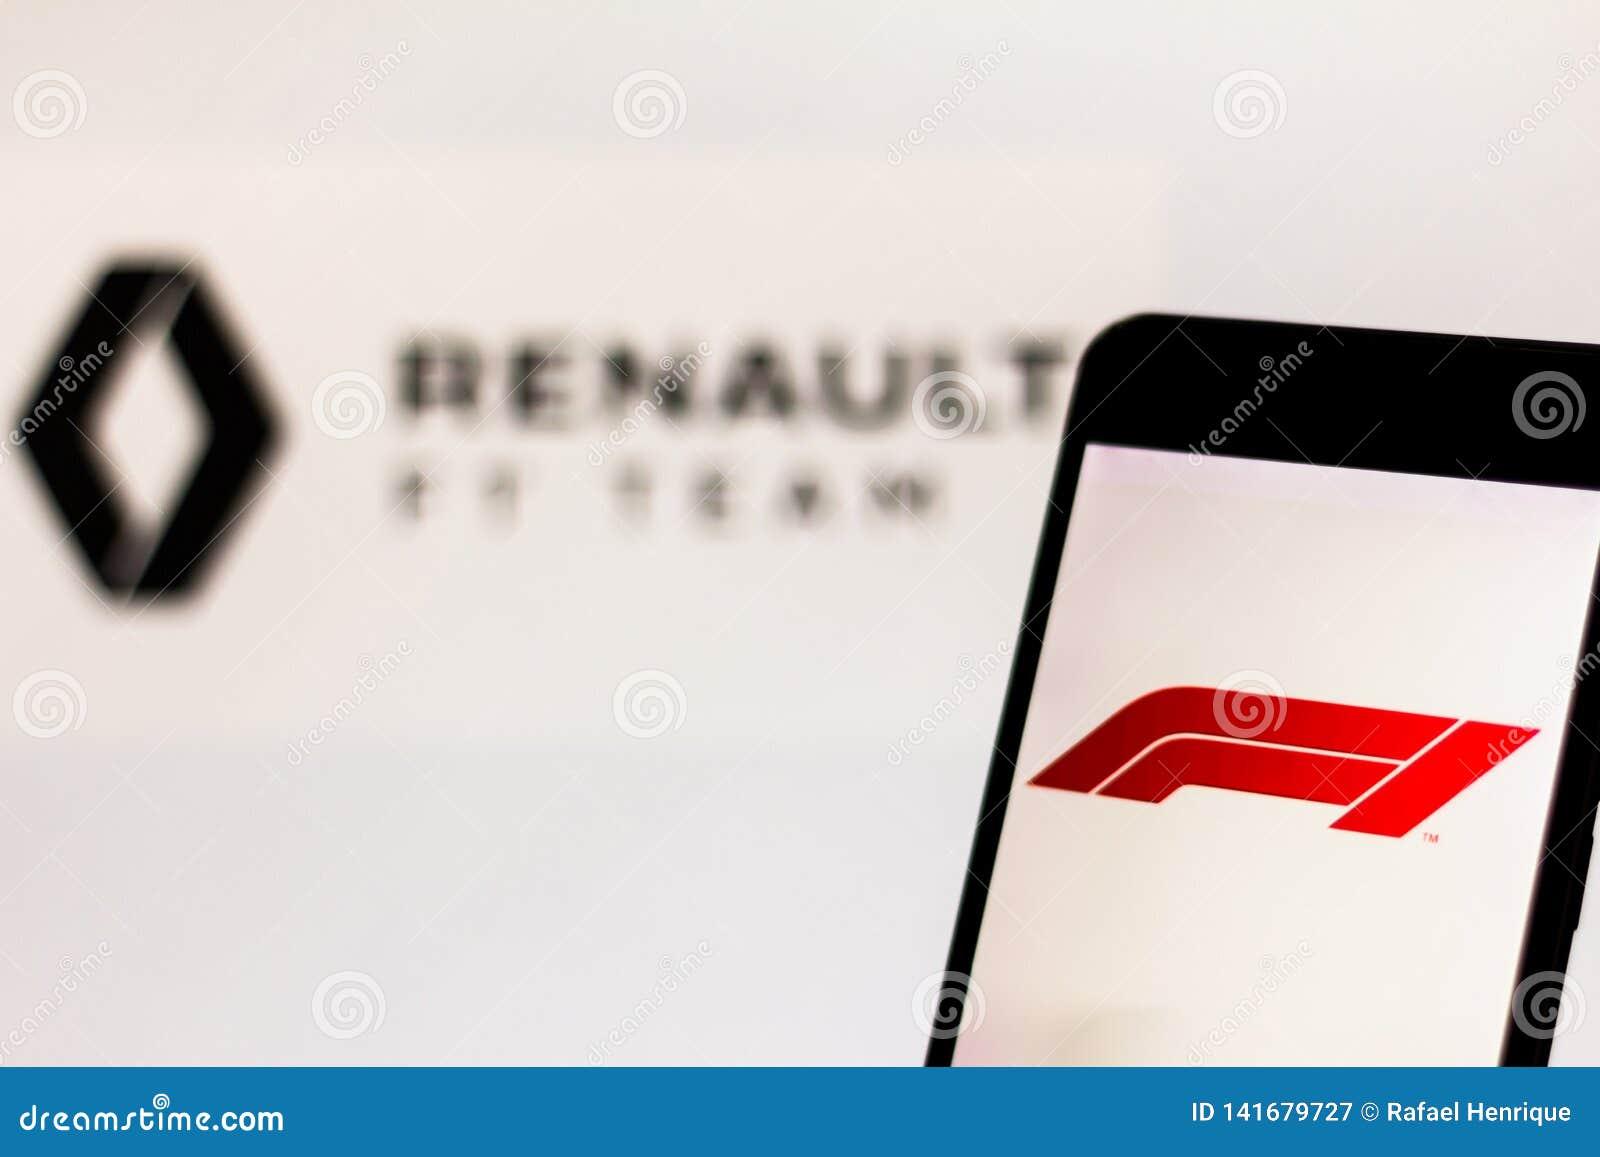 Oficial F1 FIA Formula 1 logotipo na tela do dispositivo móvel Logotipo da equipe de Team Renault F1 no fundo